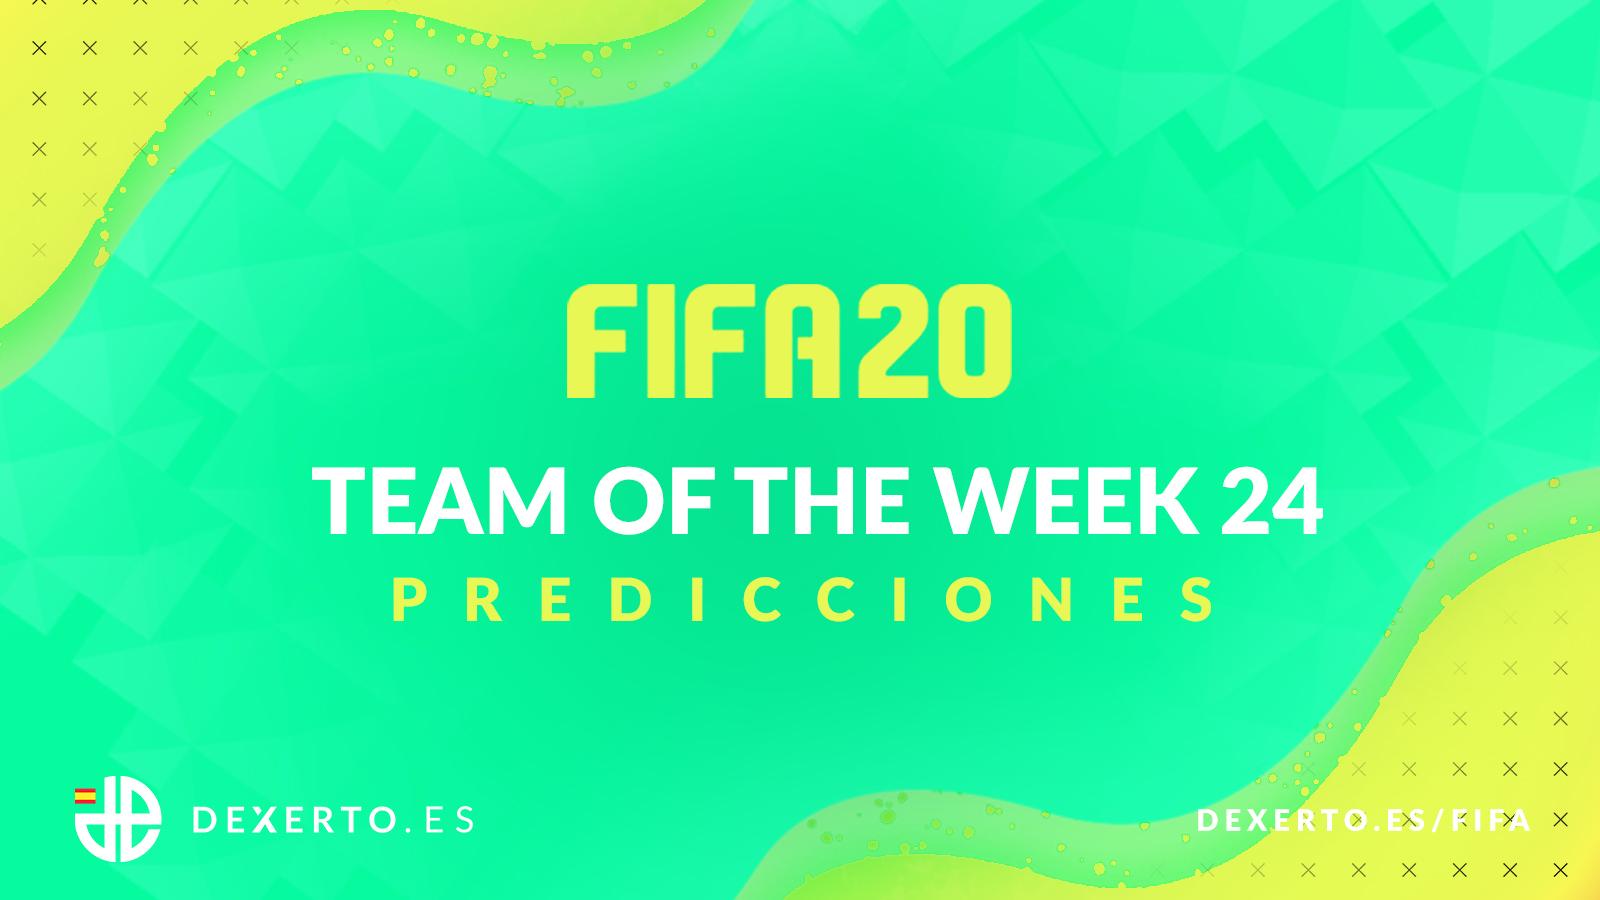 Predicciones TOTW 24 FIFA 20